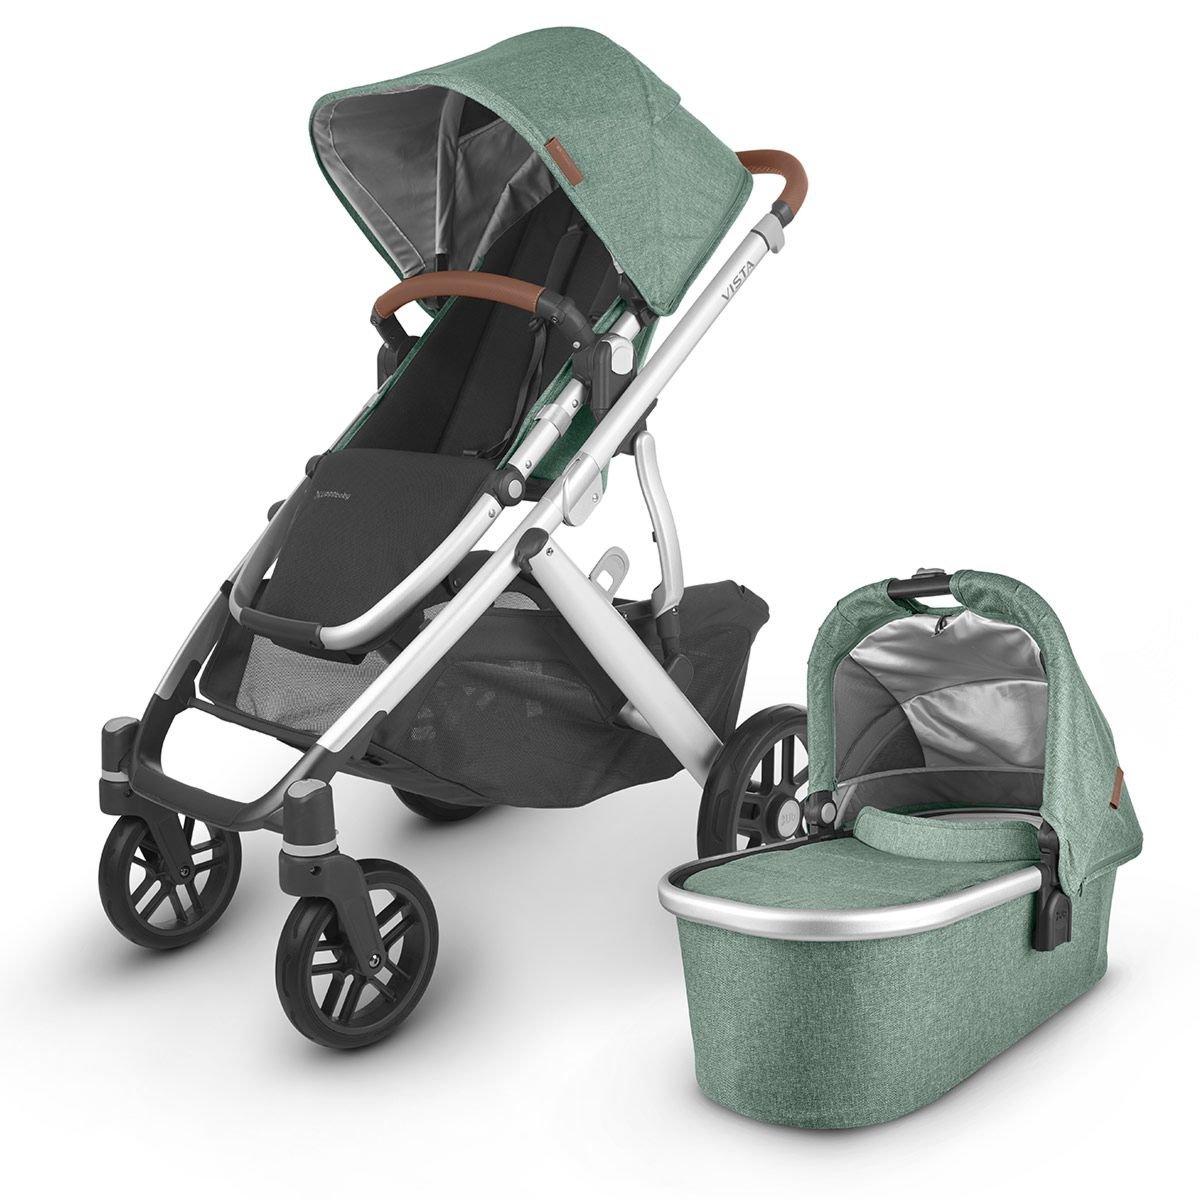 UPPABaby VISTA V2 Stroller - EMMETT (Green Melange/Silver/Saddle Leather)